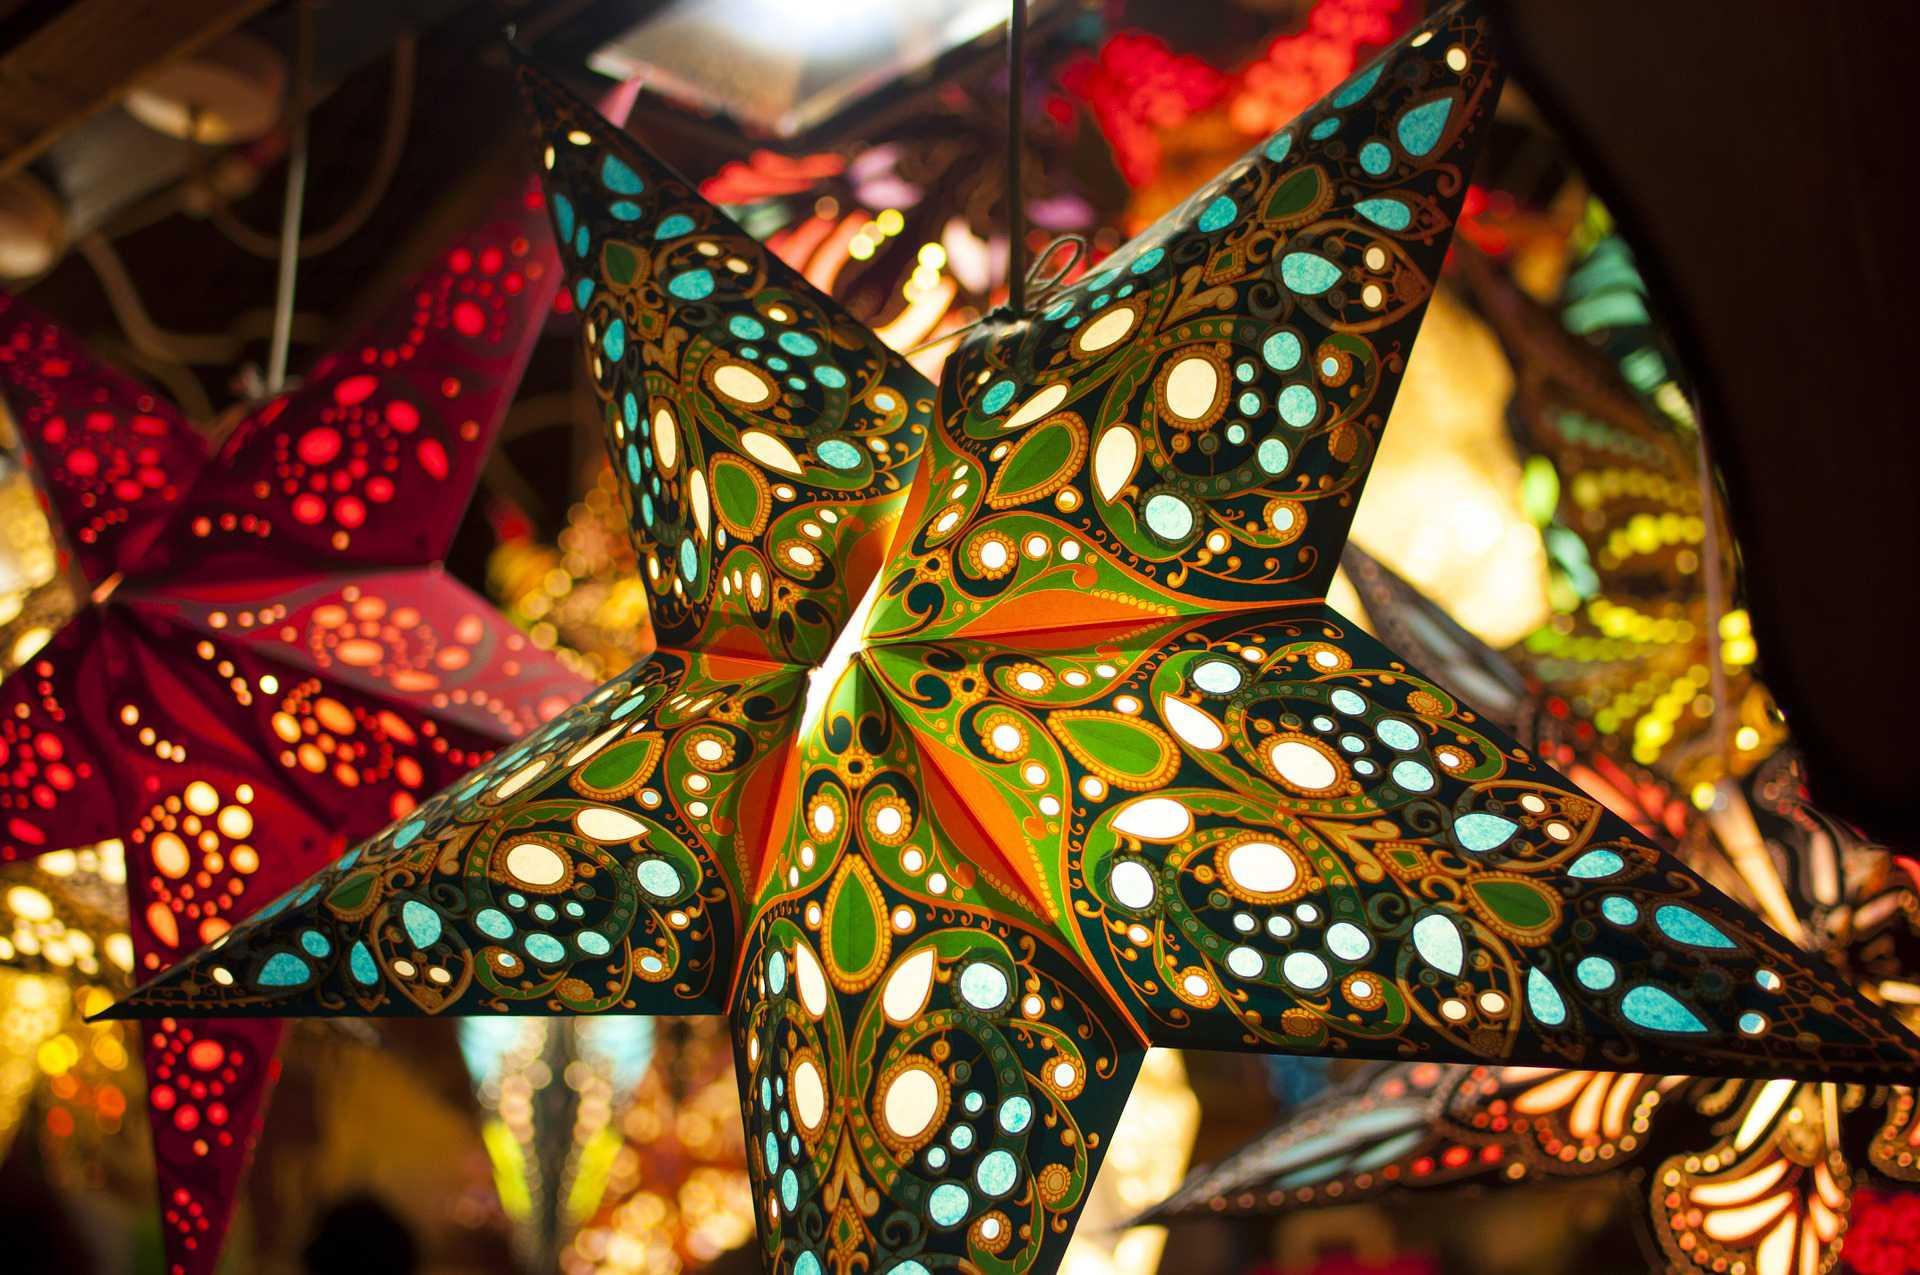 Etoile de Noel lumineuse tendances déco Noël 2016